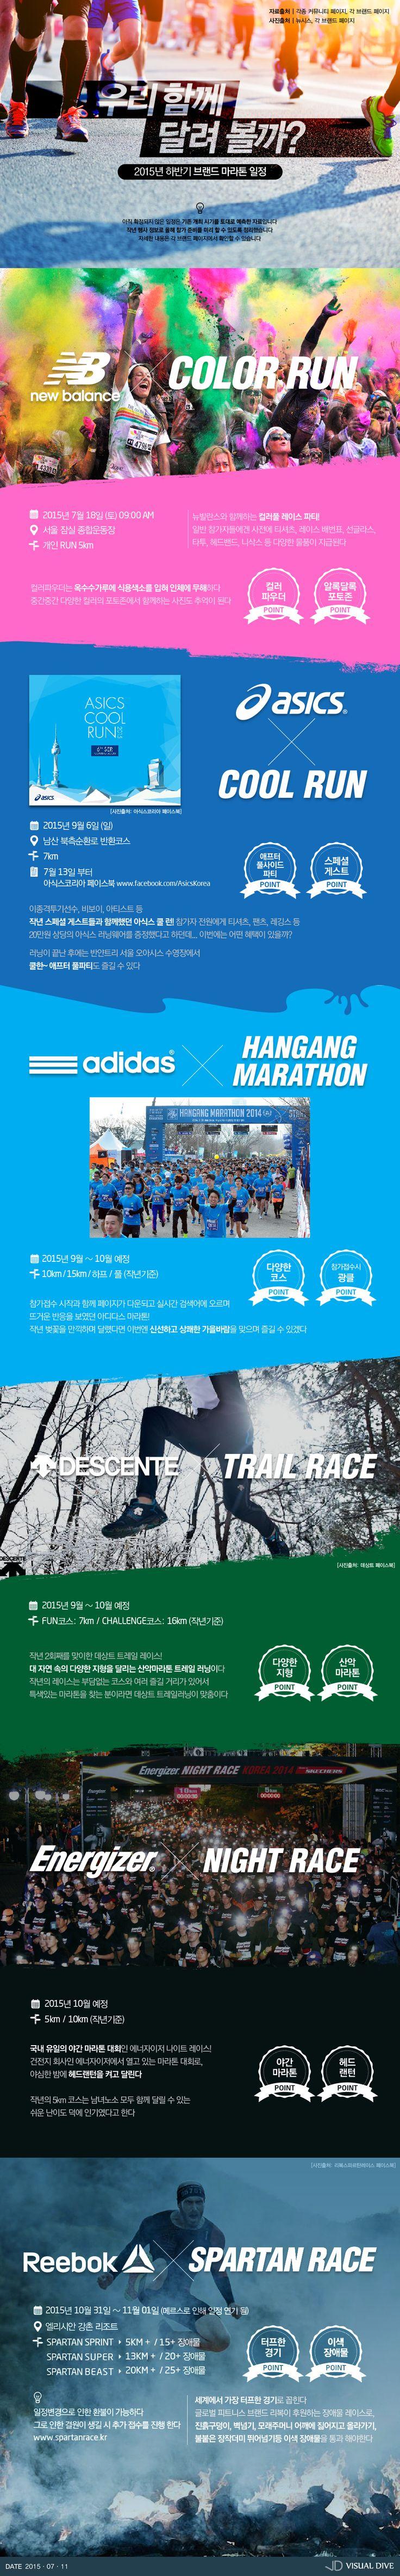 """""""광클 준비"""" 하반기 마라톤 일정 '스타트' [인포그래픽] #Marathon / #Infographic ⓒ 비주얼다이브 무단 복사·전재·재배포…"""